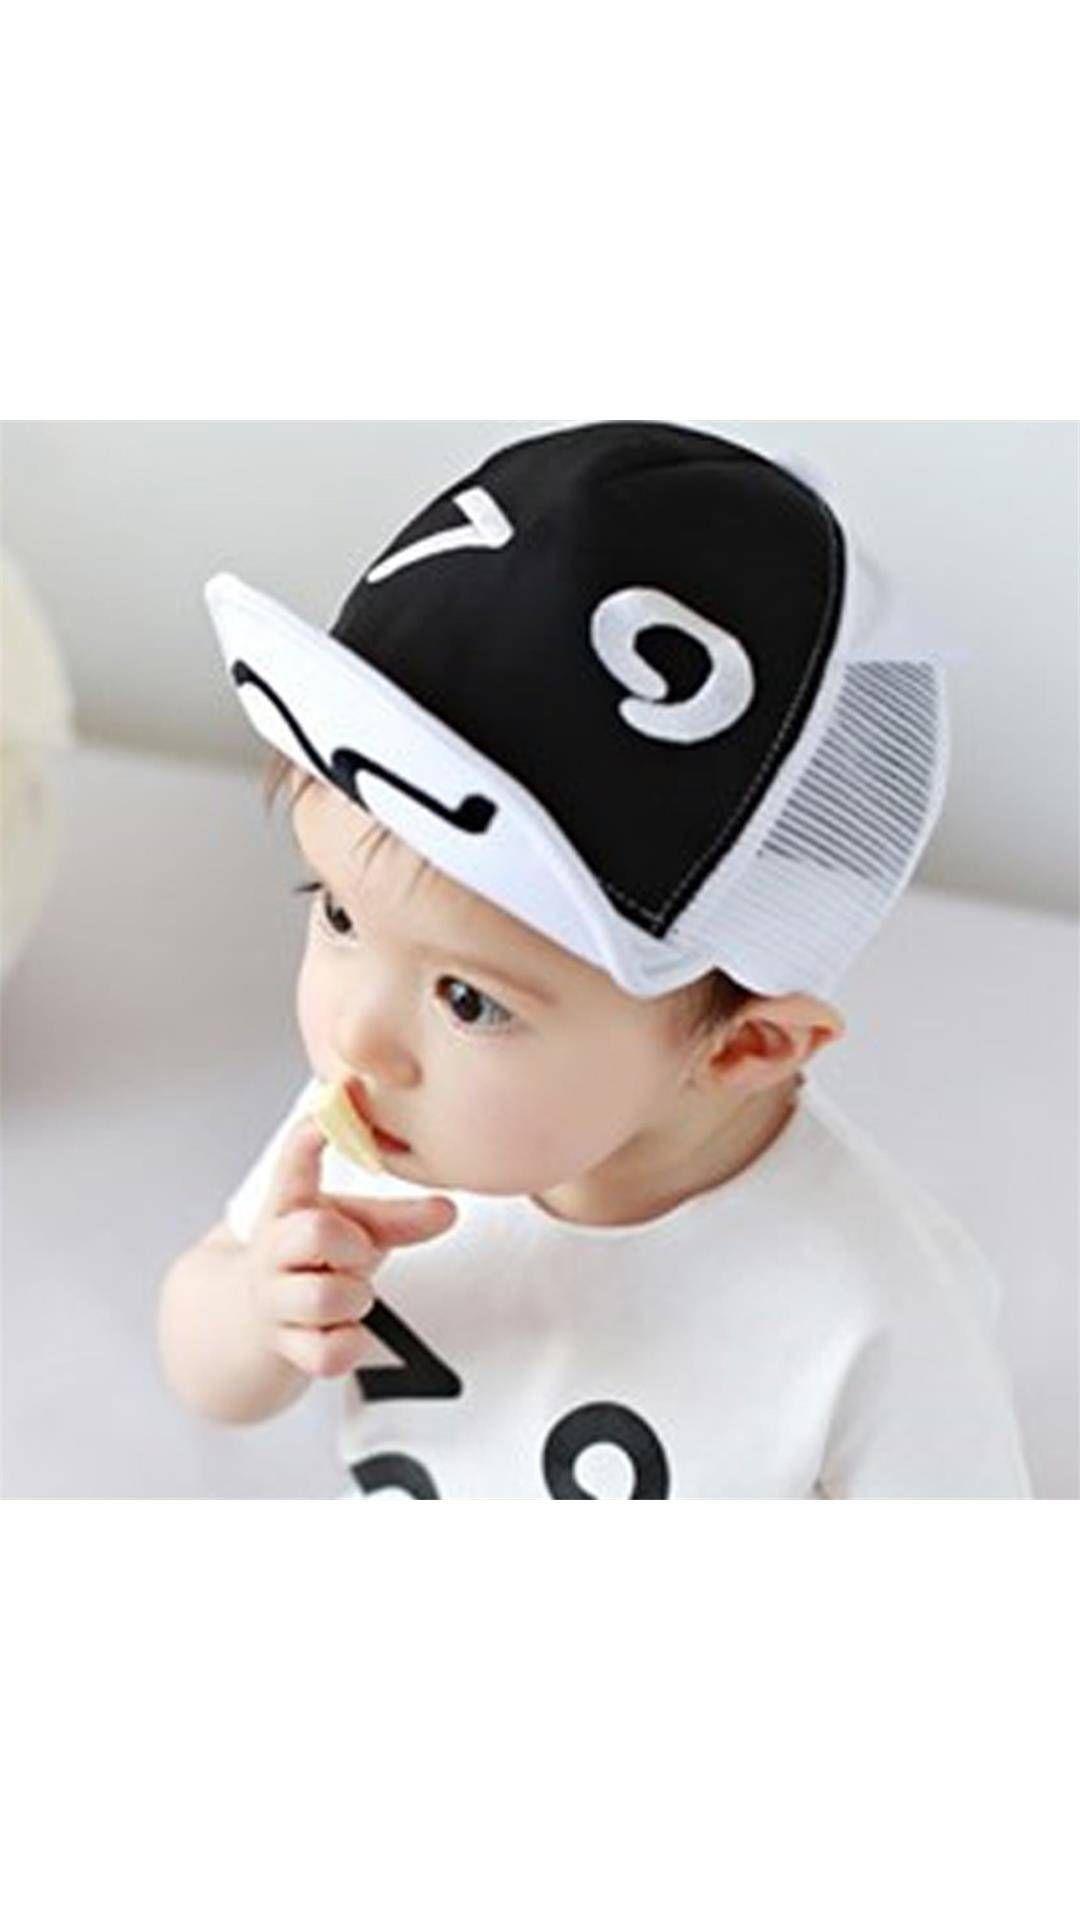 Black & White Baseball Cap For Baby Boy Cap